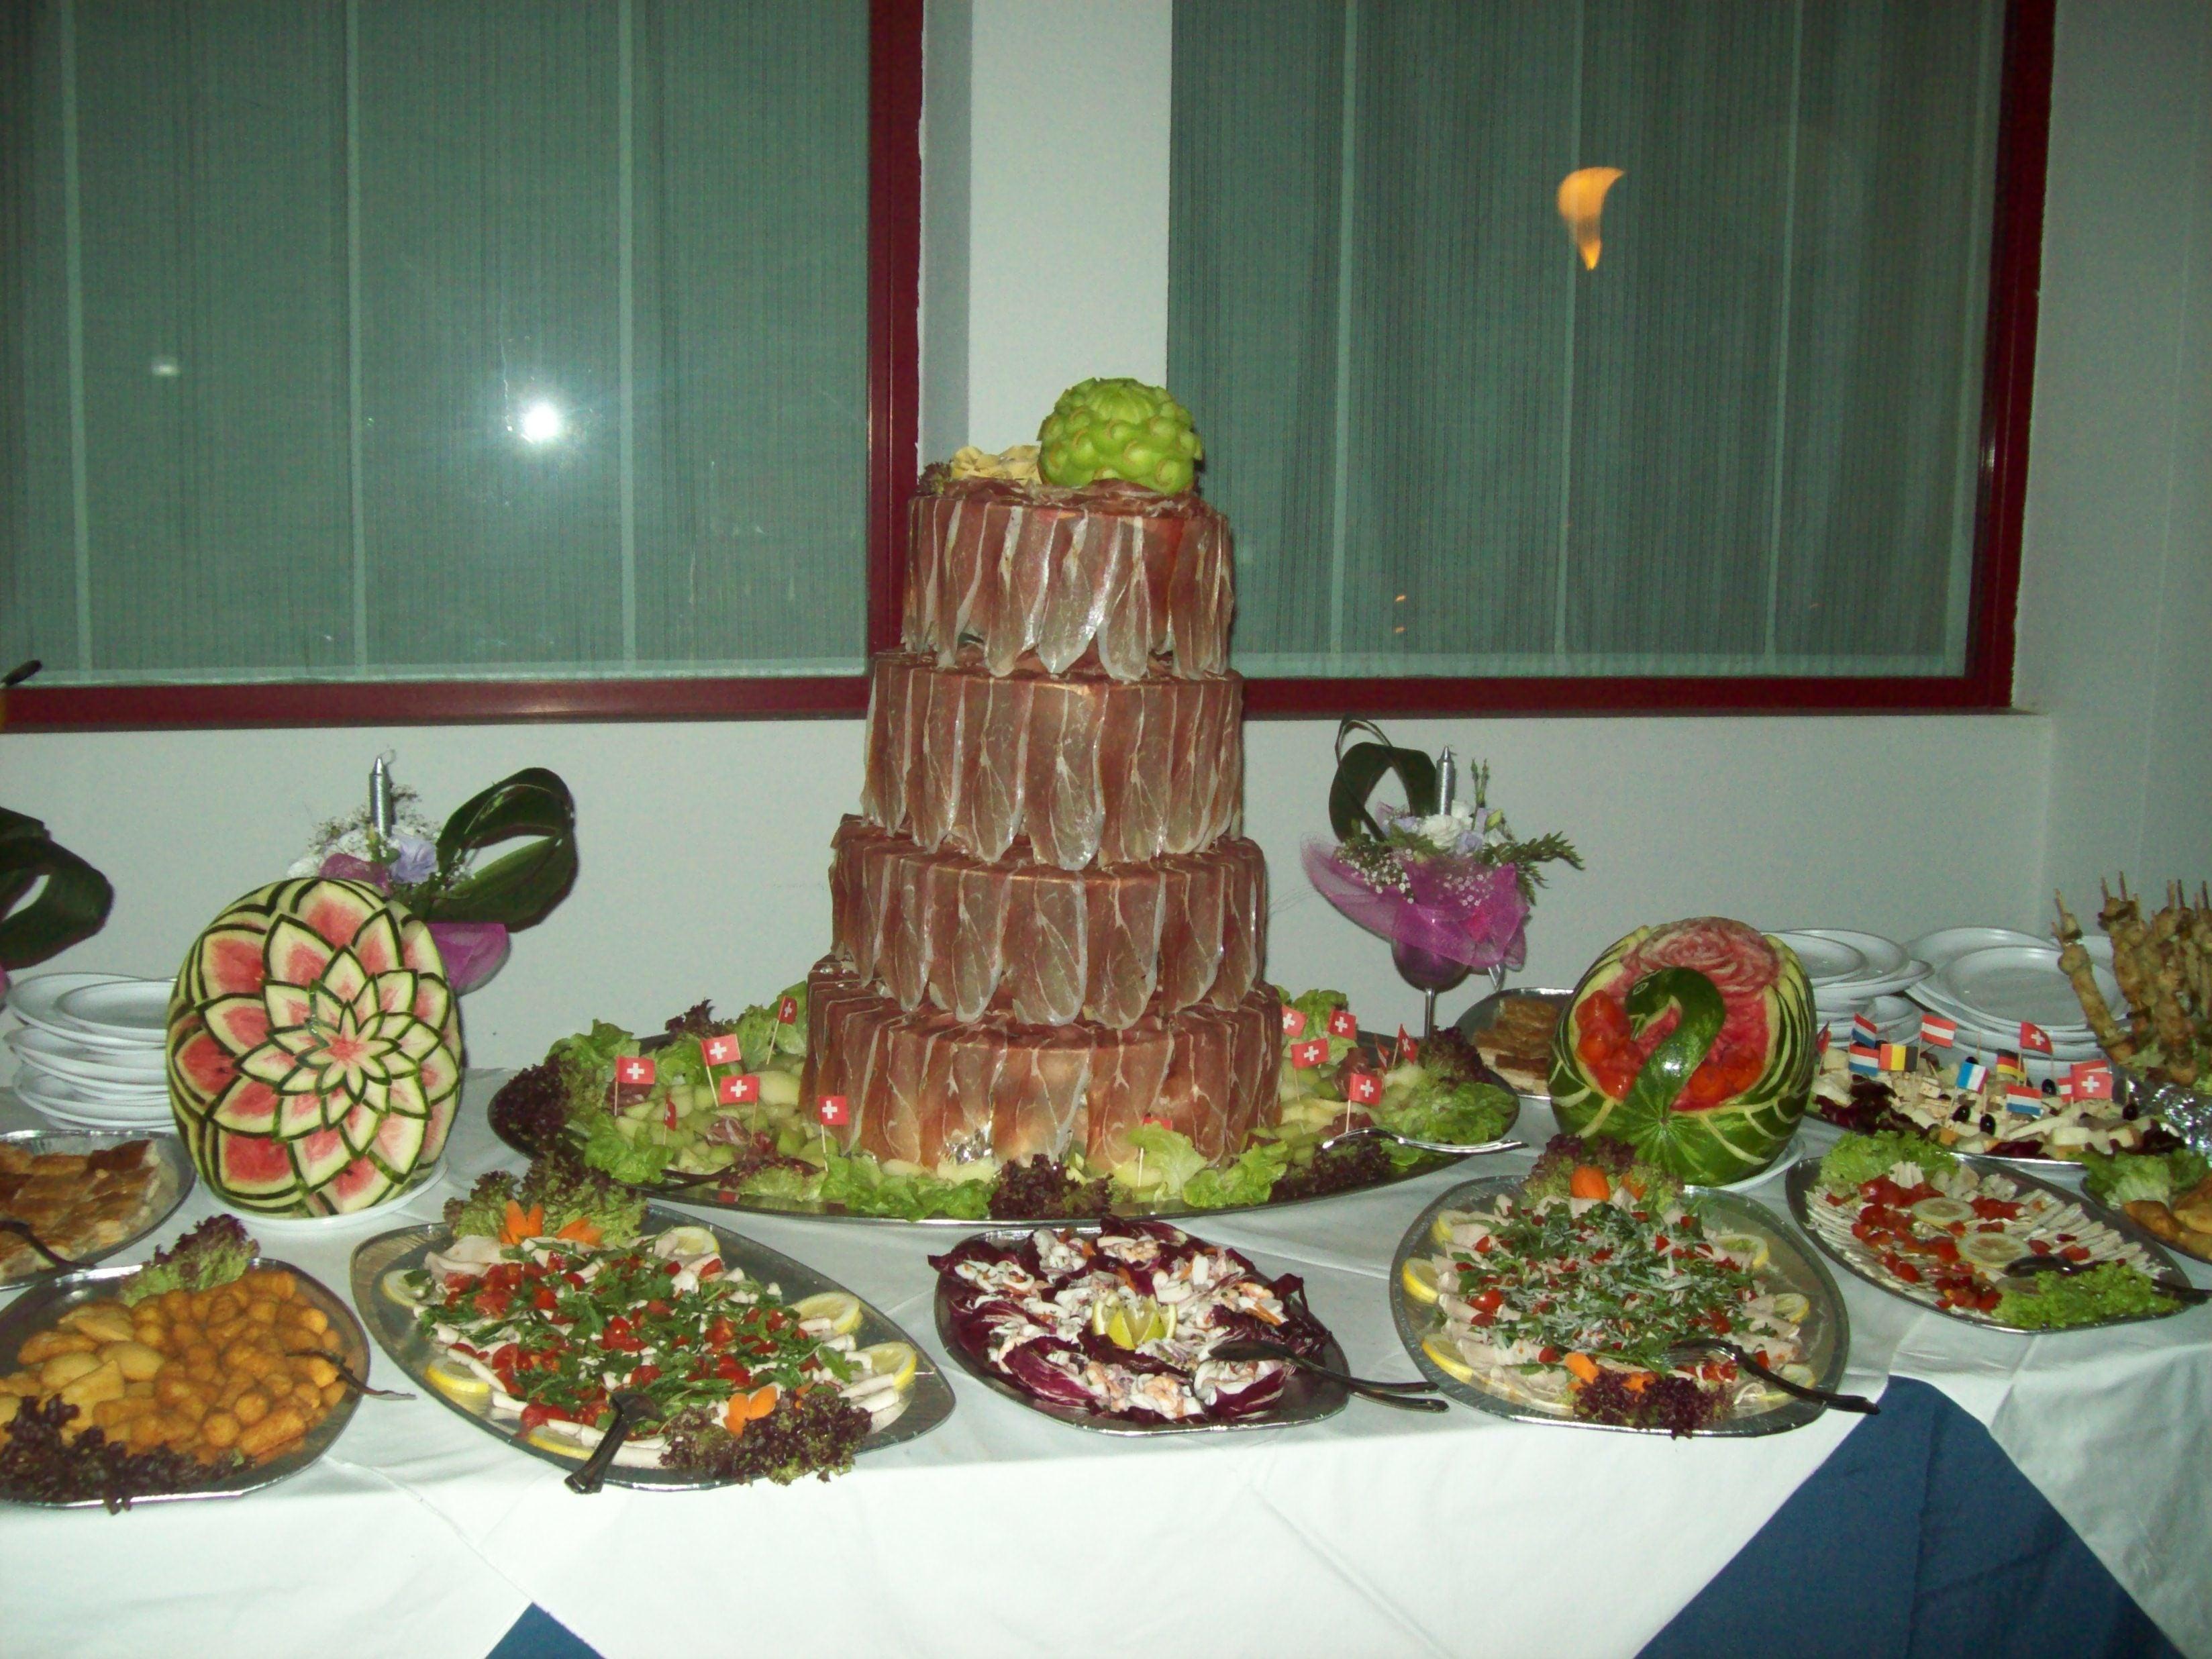 Buffet Di Dolci Battesimo : Buffet di frutta e dolci foto di tenuta donna sandra veglie